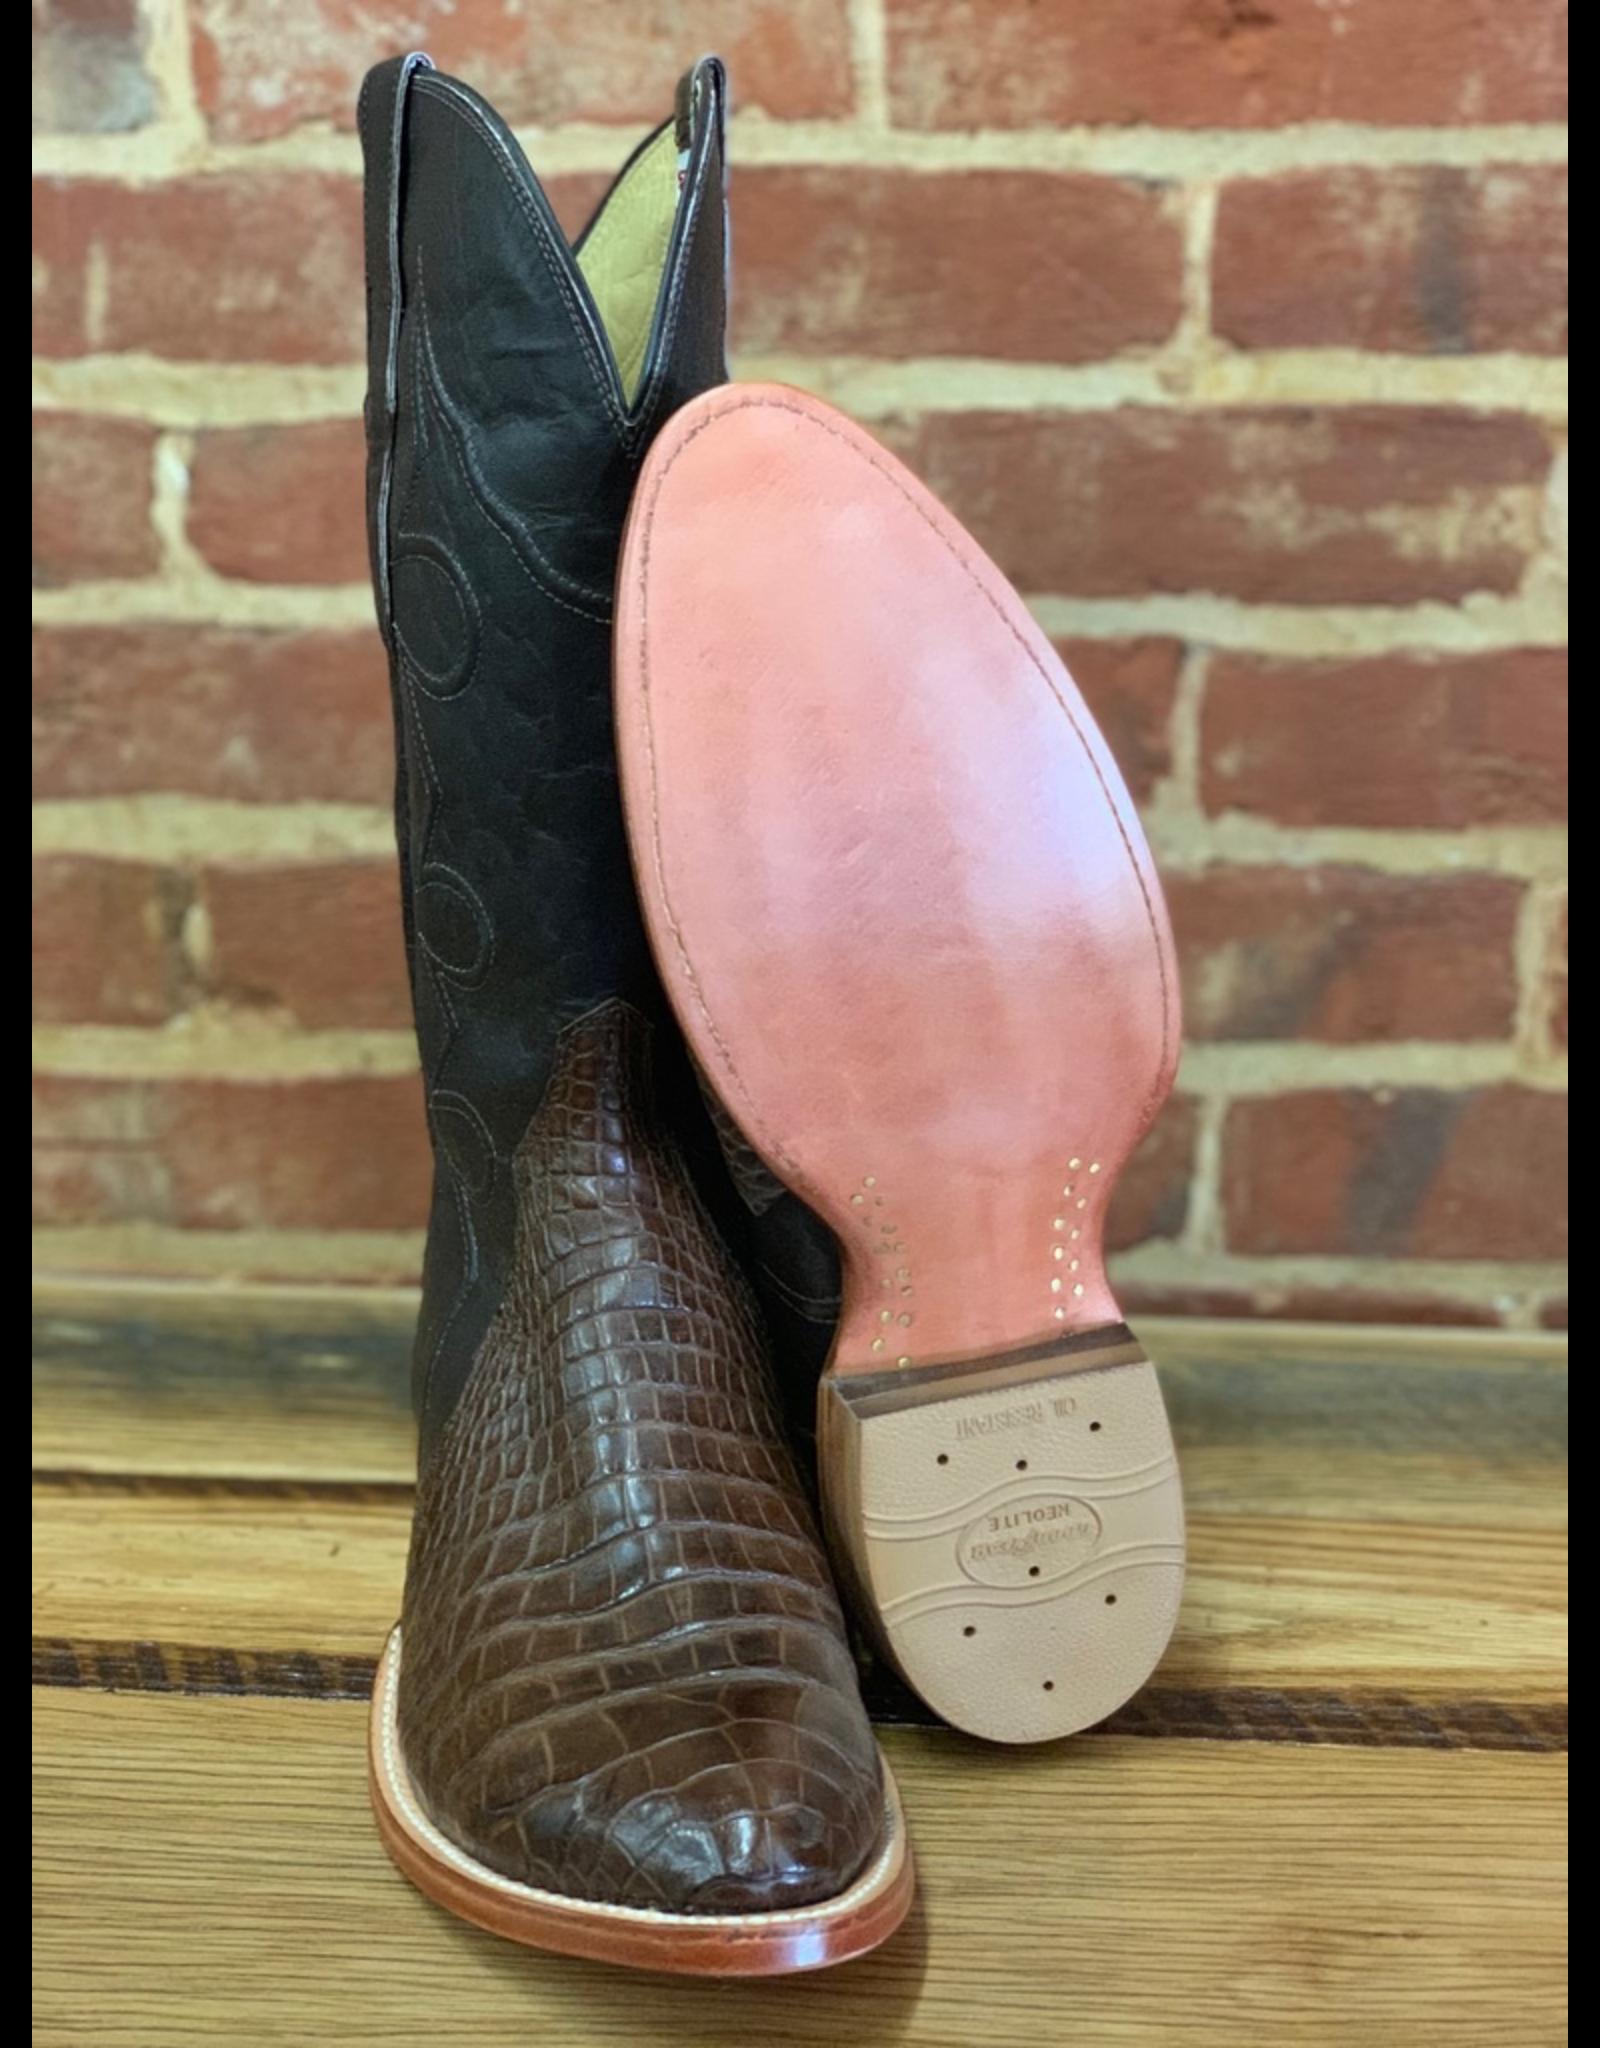 Boots-Men Hewlett & Dunn W8708 American Alligator Belly